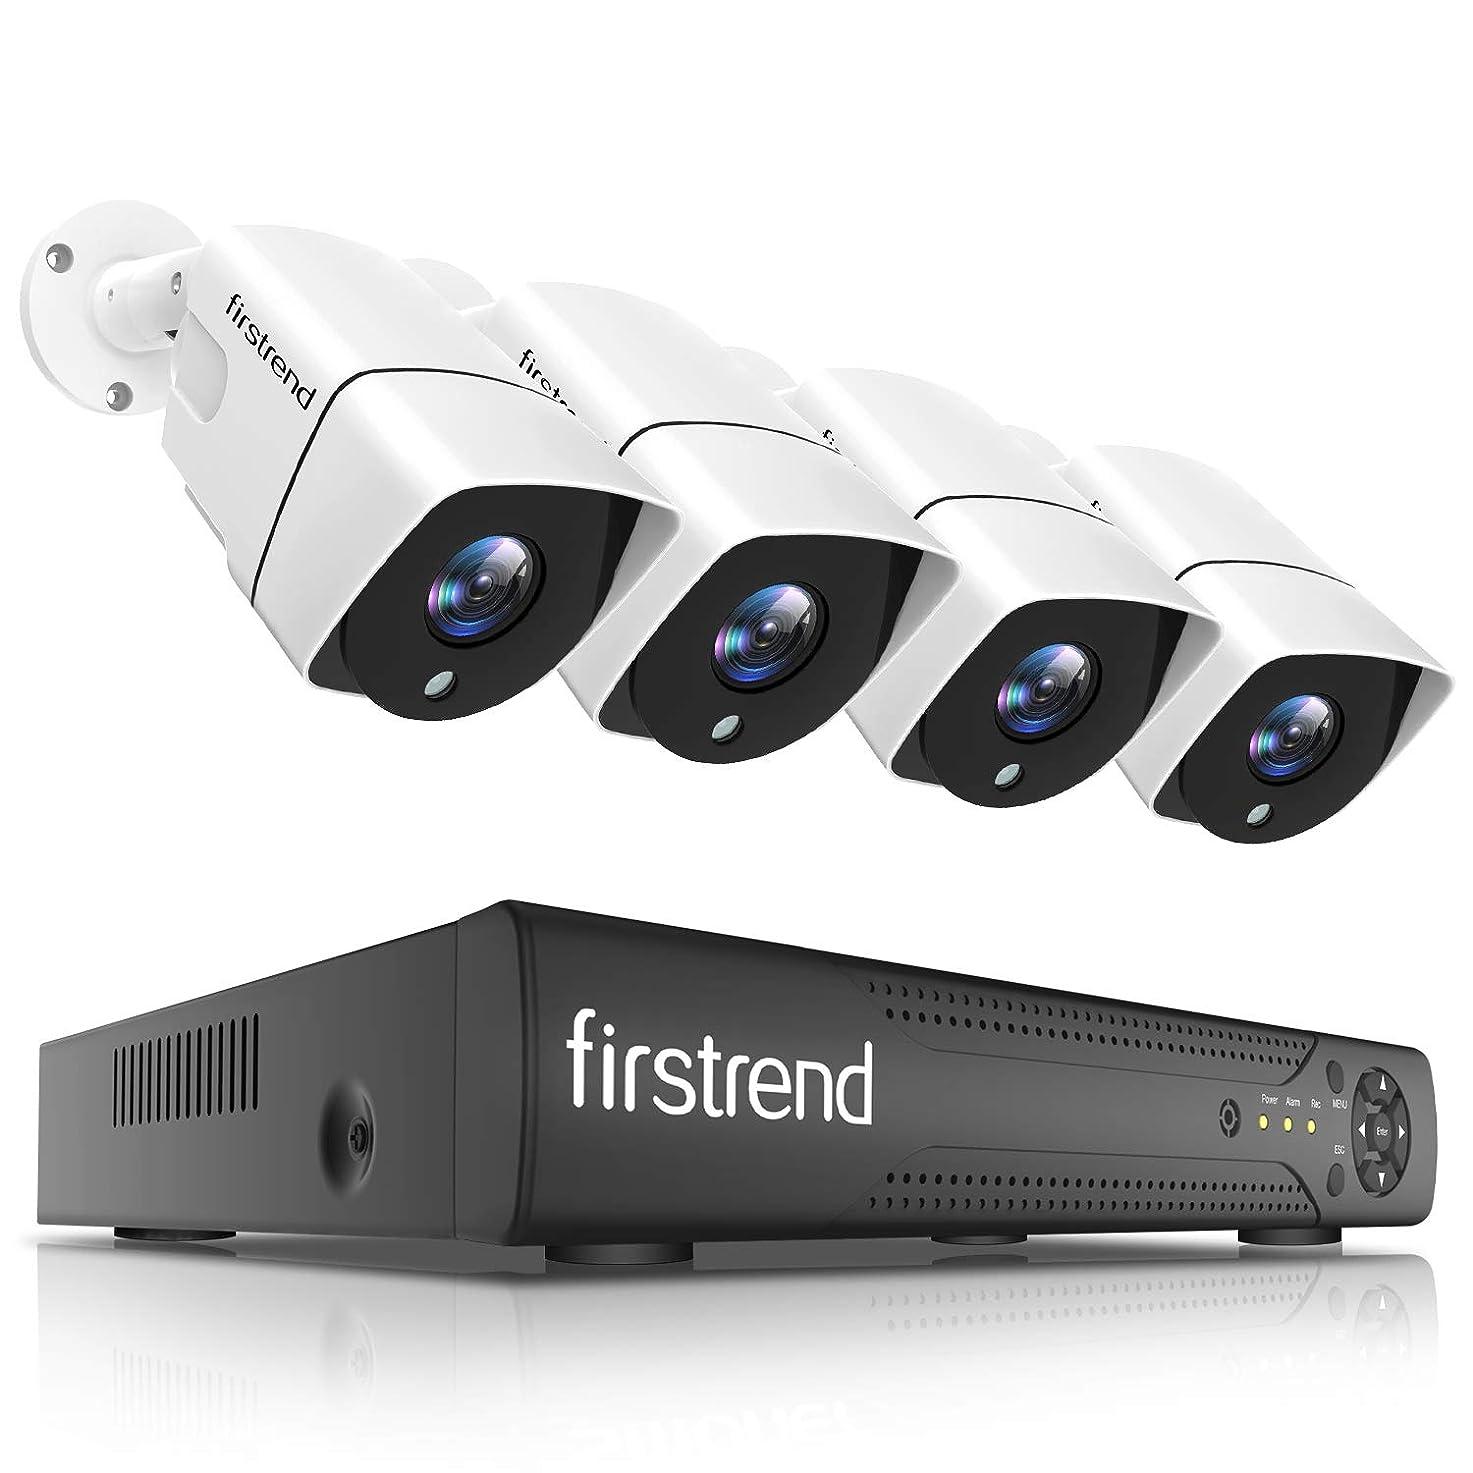 案件コンパス風景【最新強化版】防犯カメラキット、Firstrend監視カメラシステム(1TBハードディスク内蔵)、8チャンネル、カメラ増設可能、1080P、防犯カメラ4台セット、セキュリティカメラシステム 全天候、防水IP66、レコーダー、ナイトビジョン、暗視撮影、屋内/屋外対応、遠隔監視、増設可